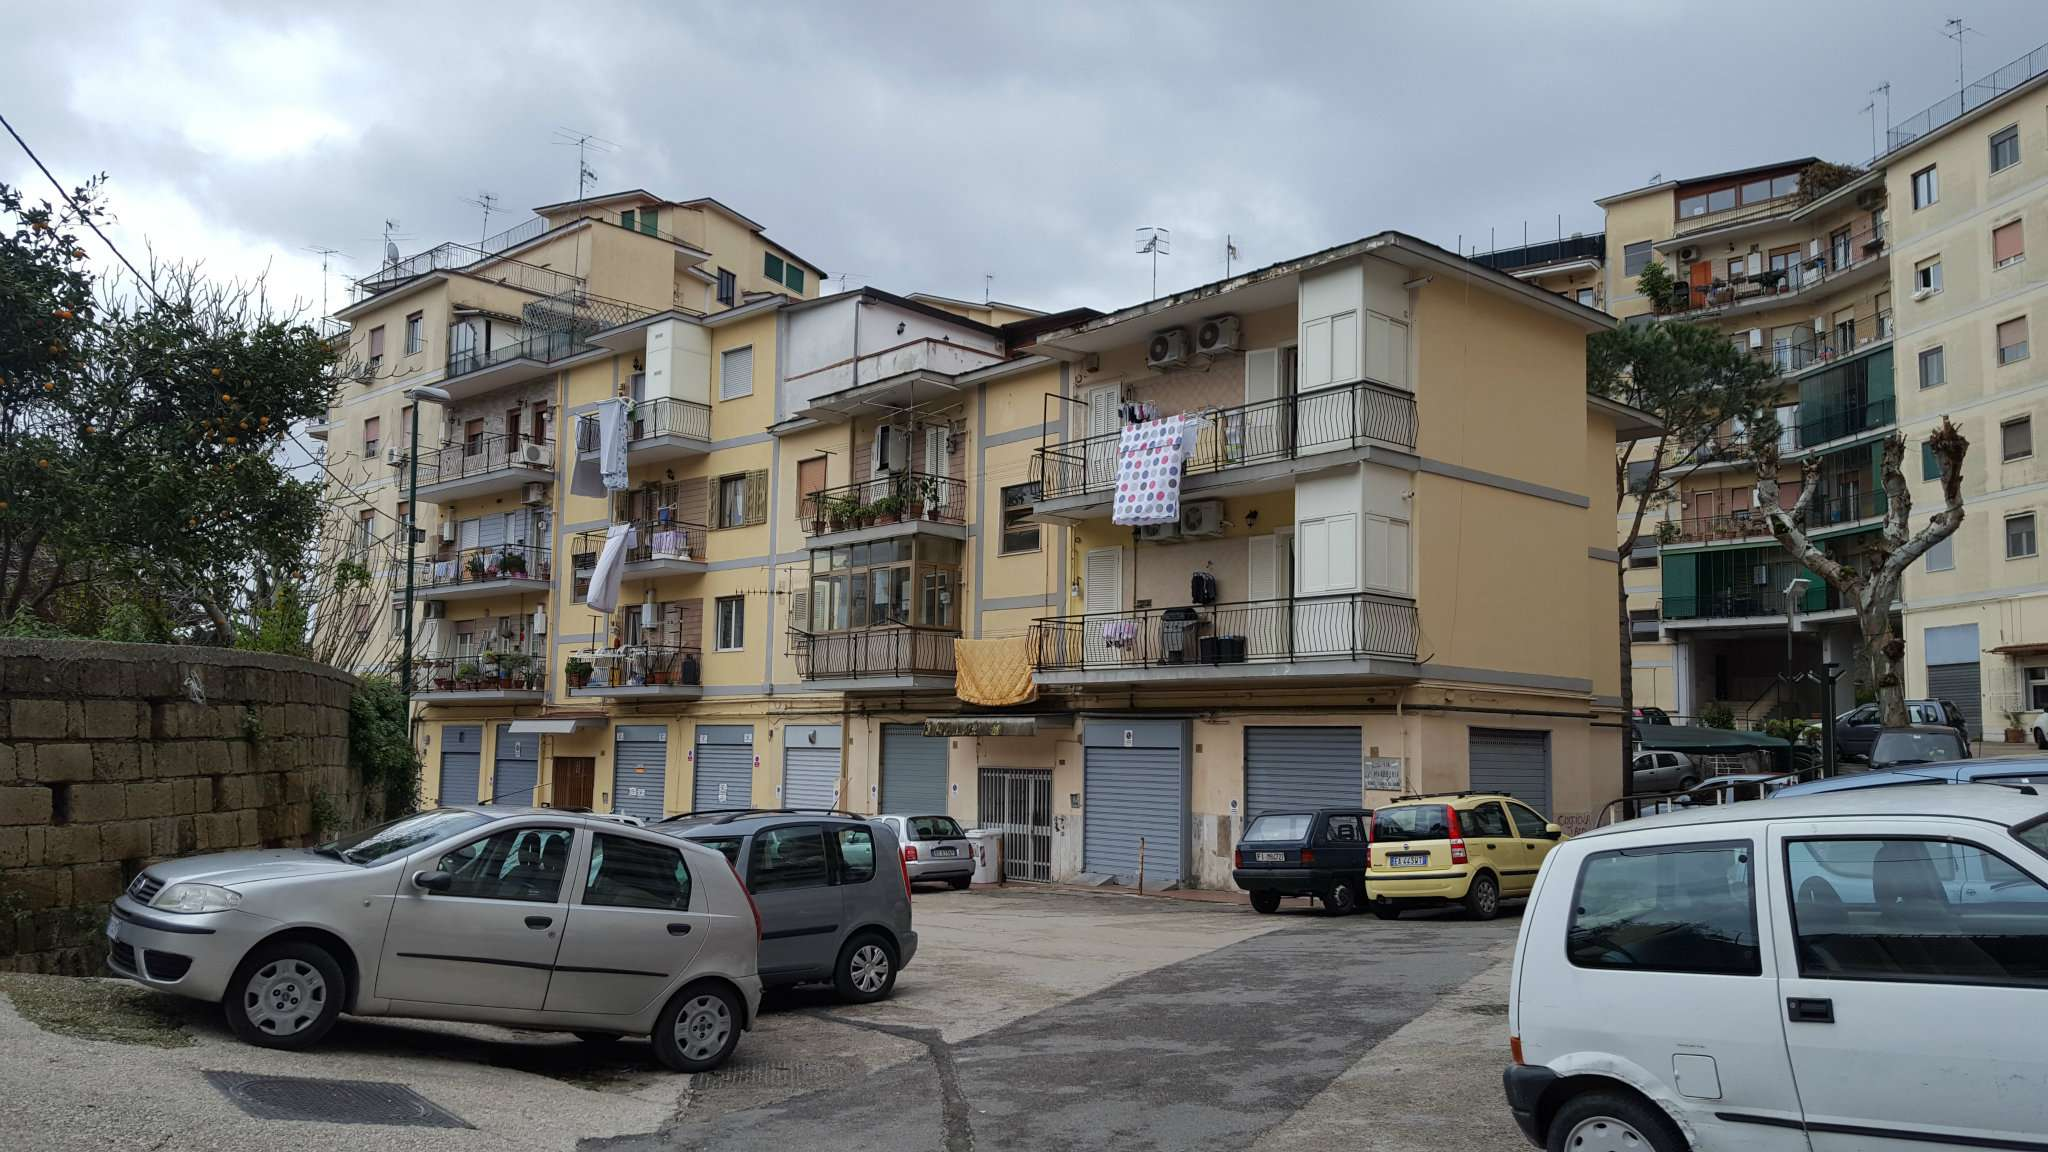 Foto 1 di Quadrilocale via Macedonia, Napoli (zona San Carlo all'Arena, Stella)